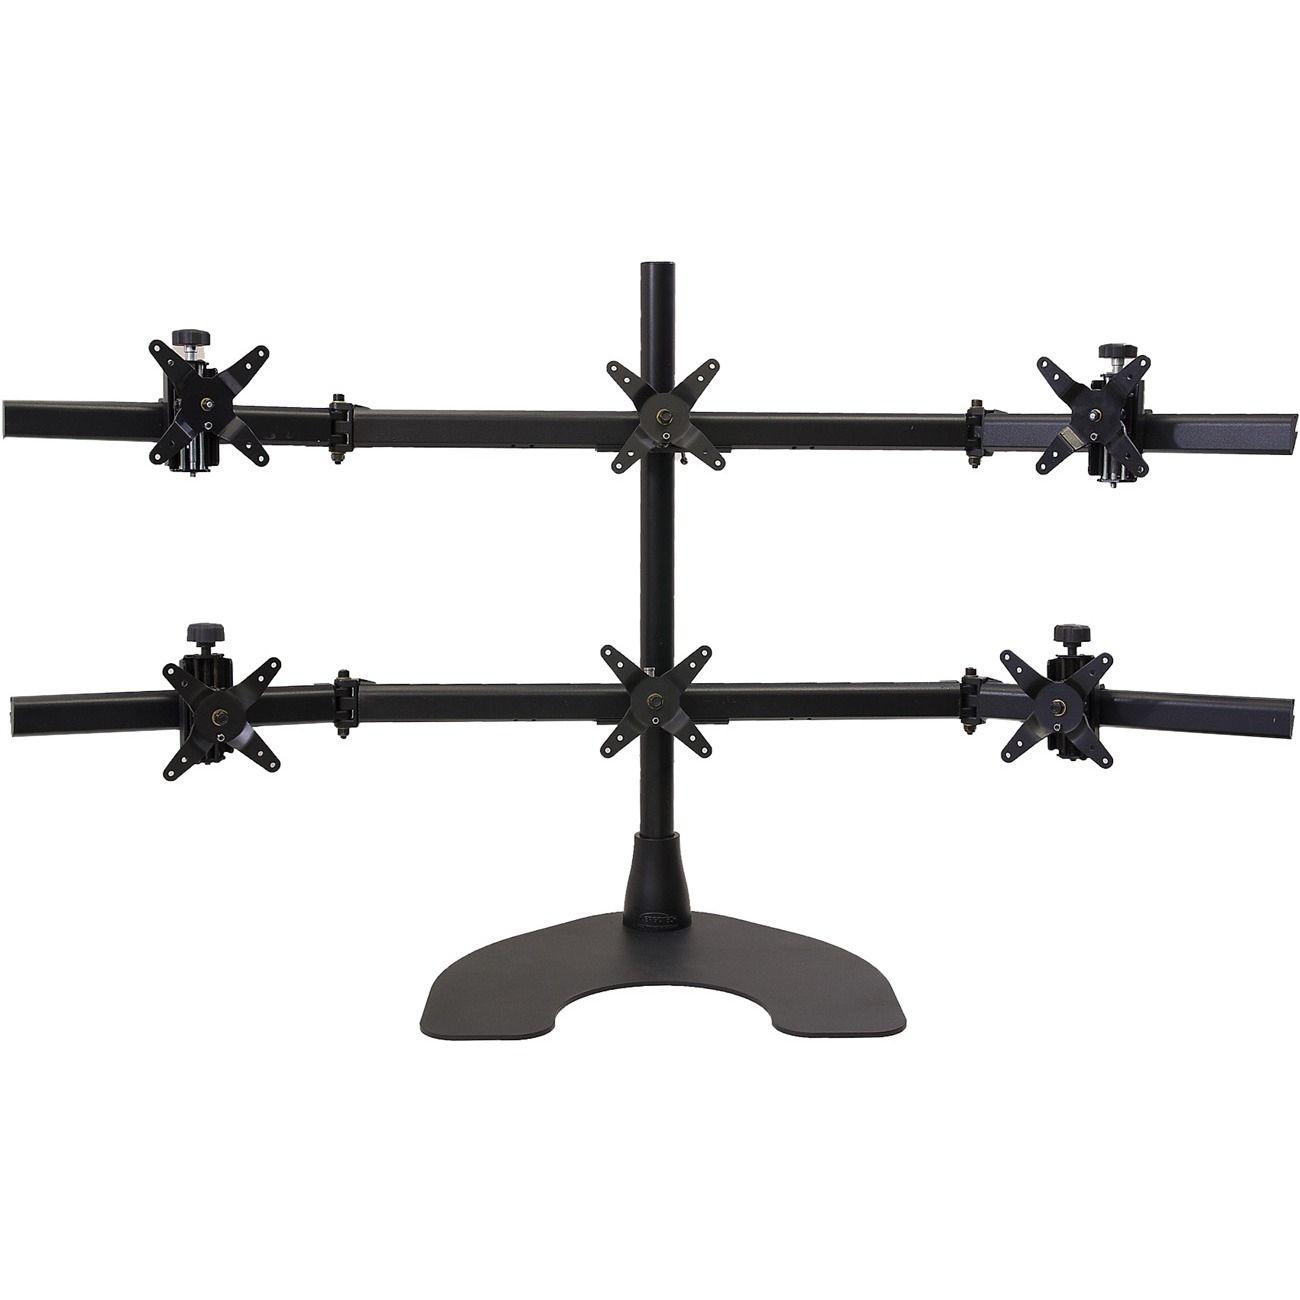 Ergotron Ergotech Hex LCD Monitor Desk Stand, #100-D28-B33